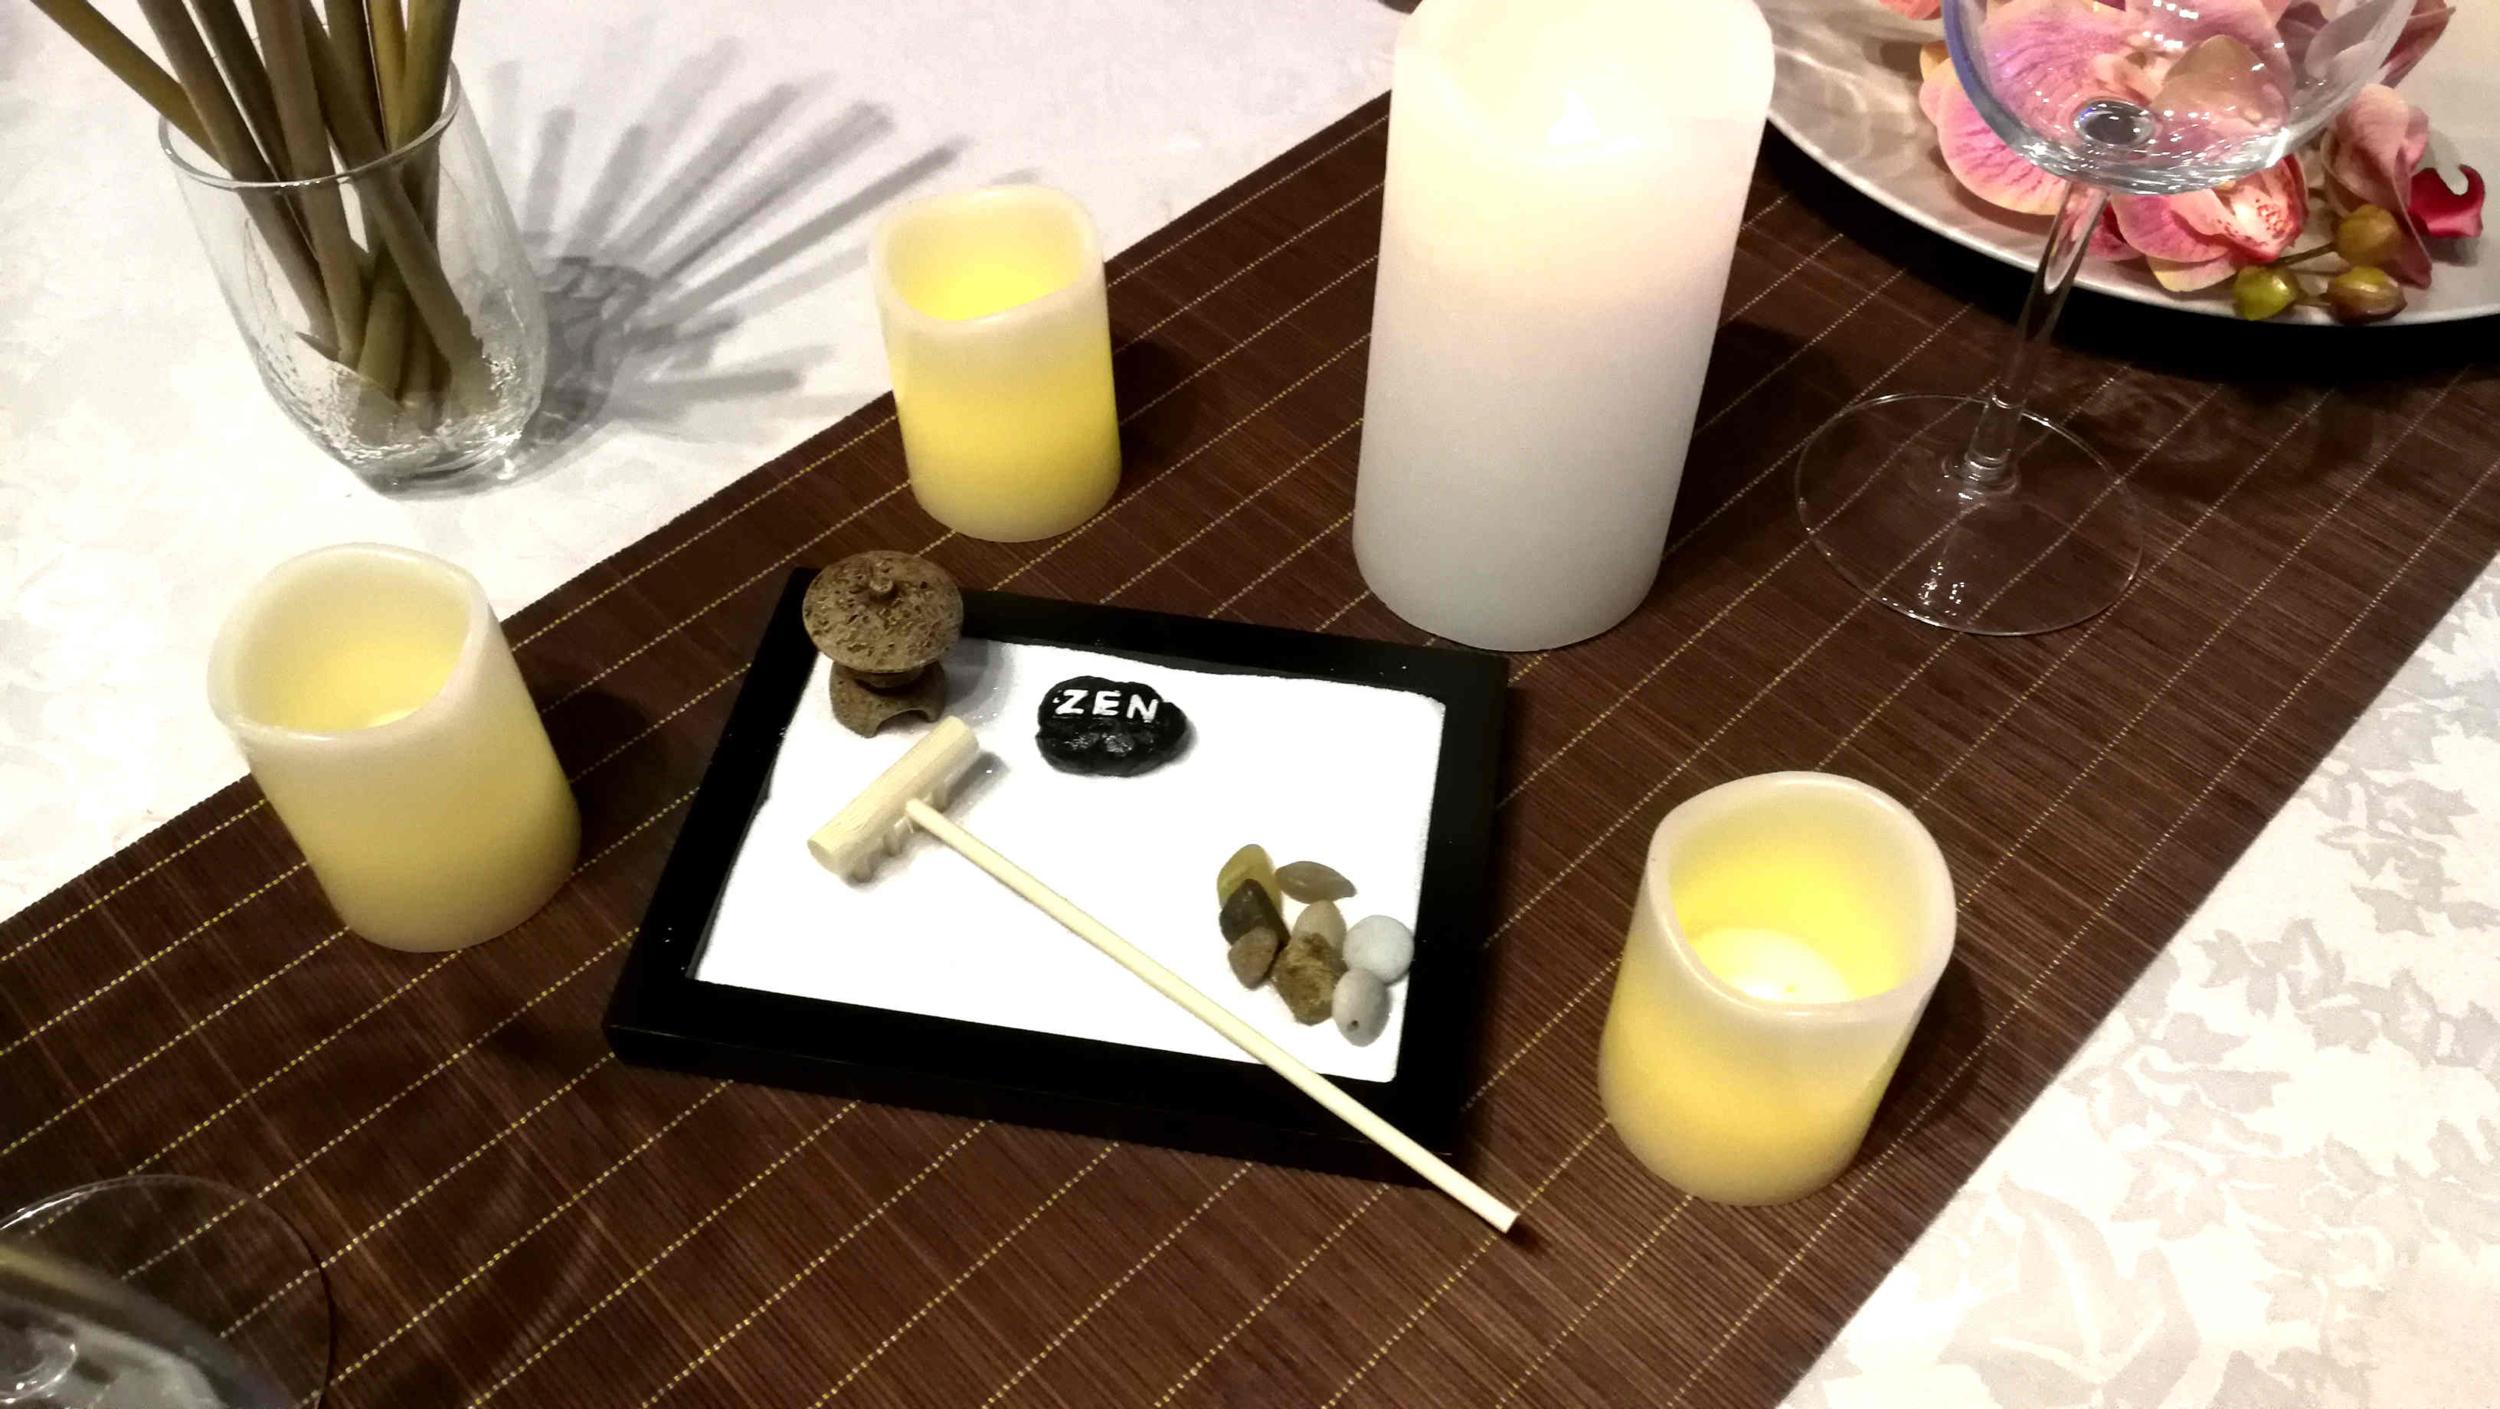 Décoration de table zen avec jardin japonais miniature